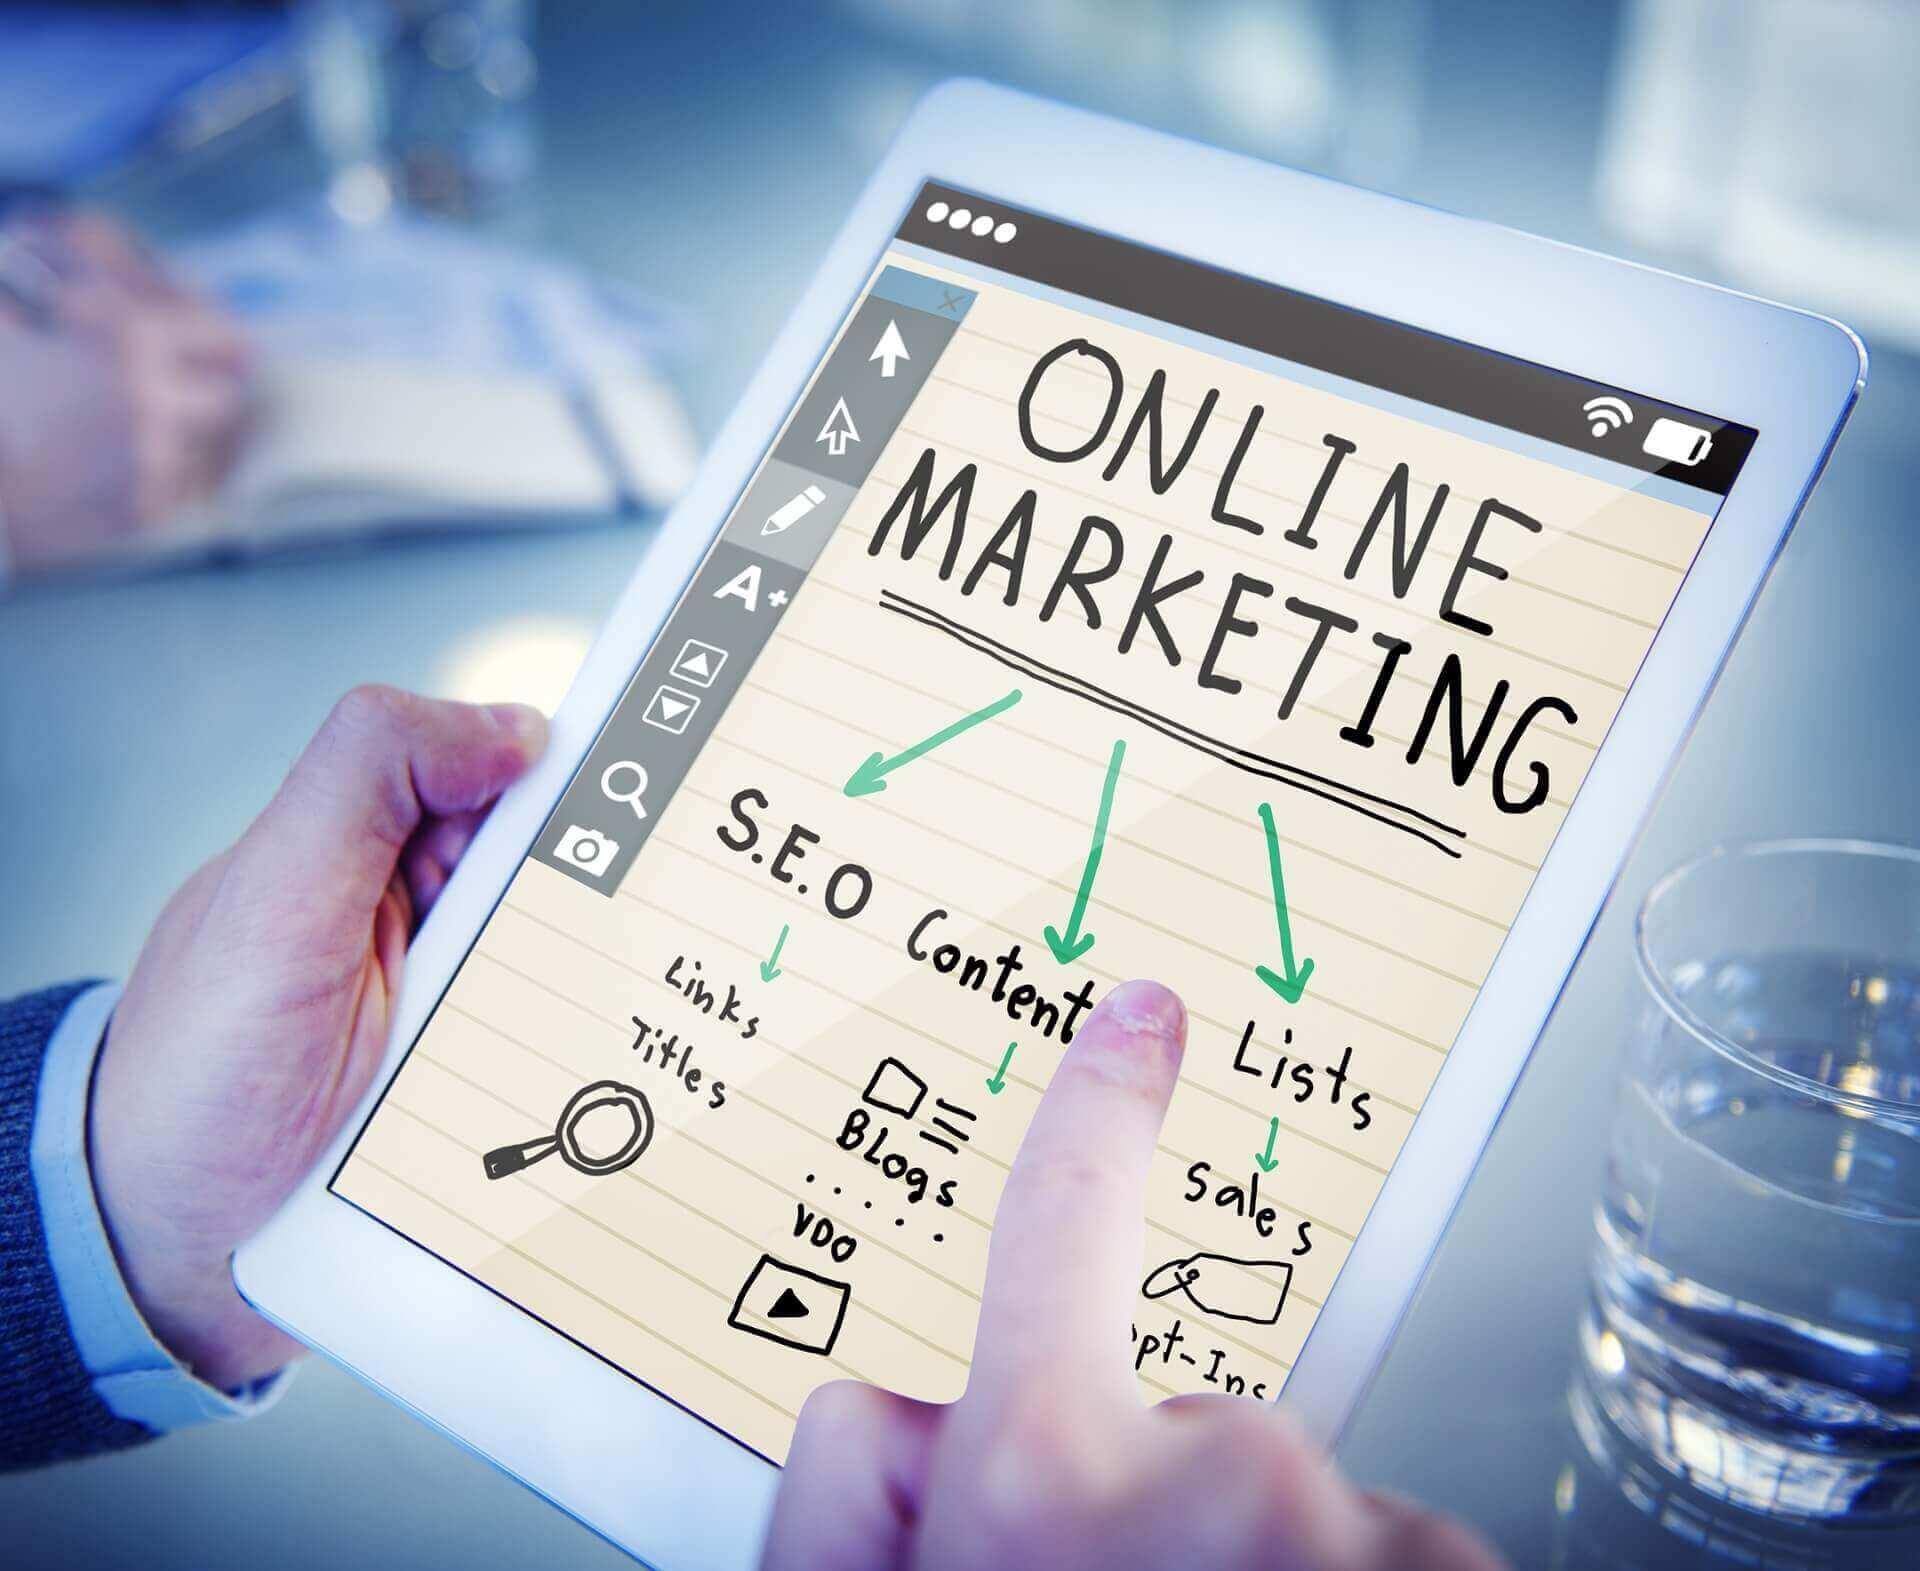 Golearn online marketing